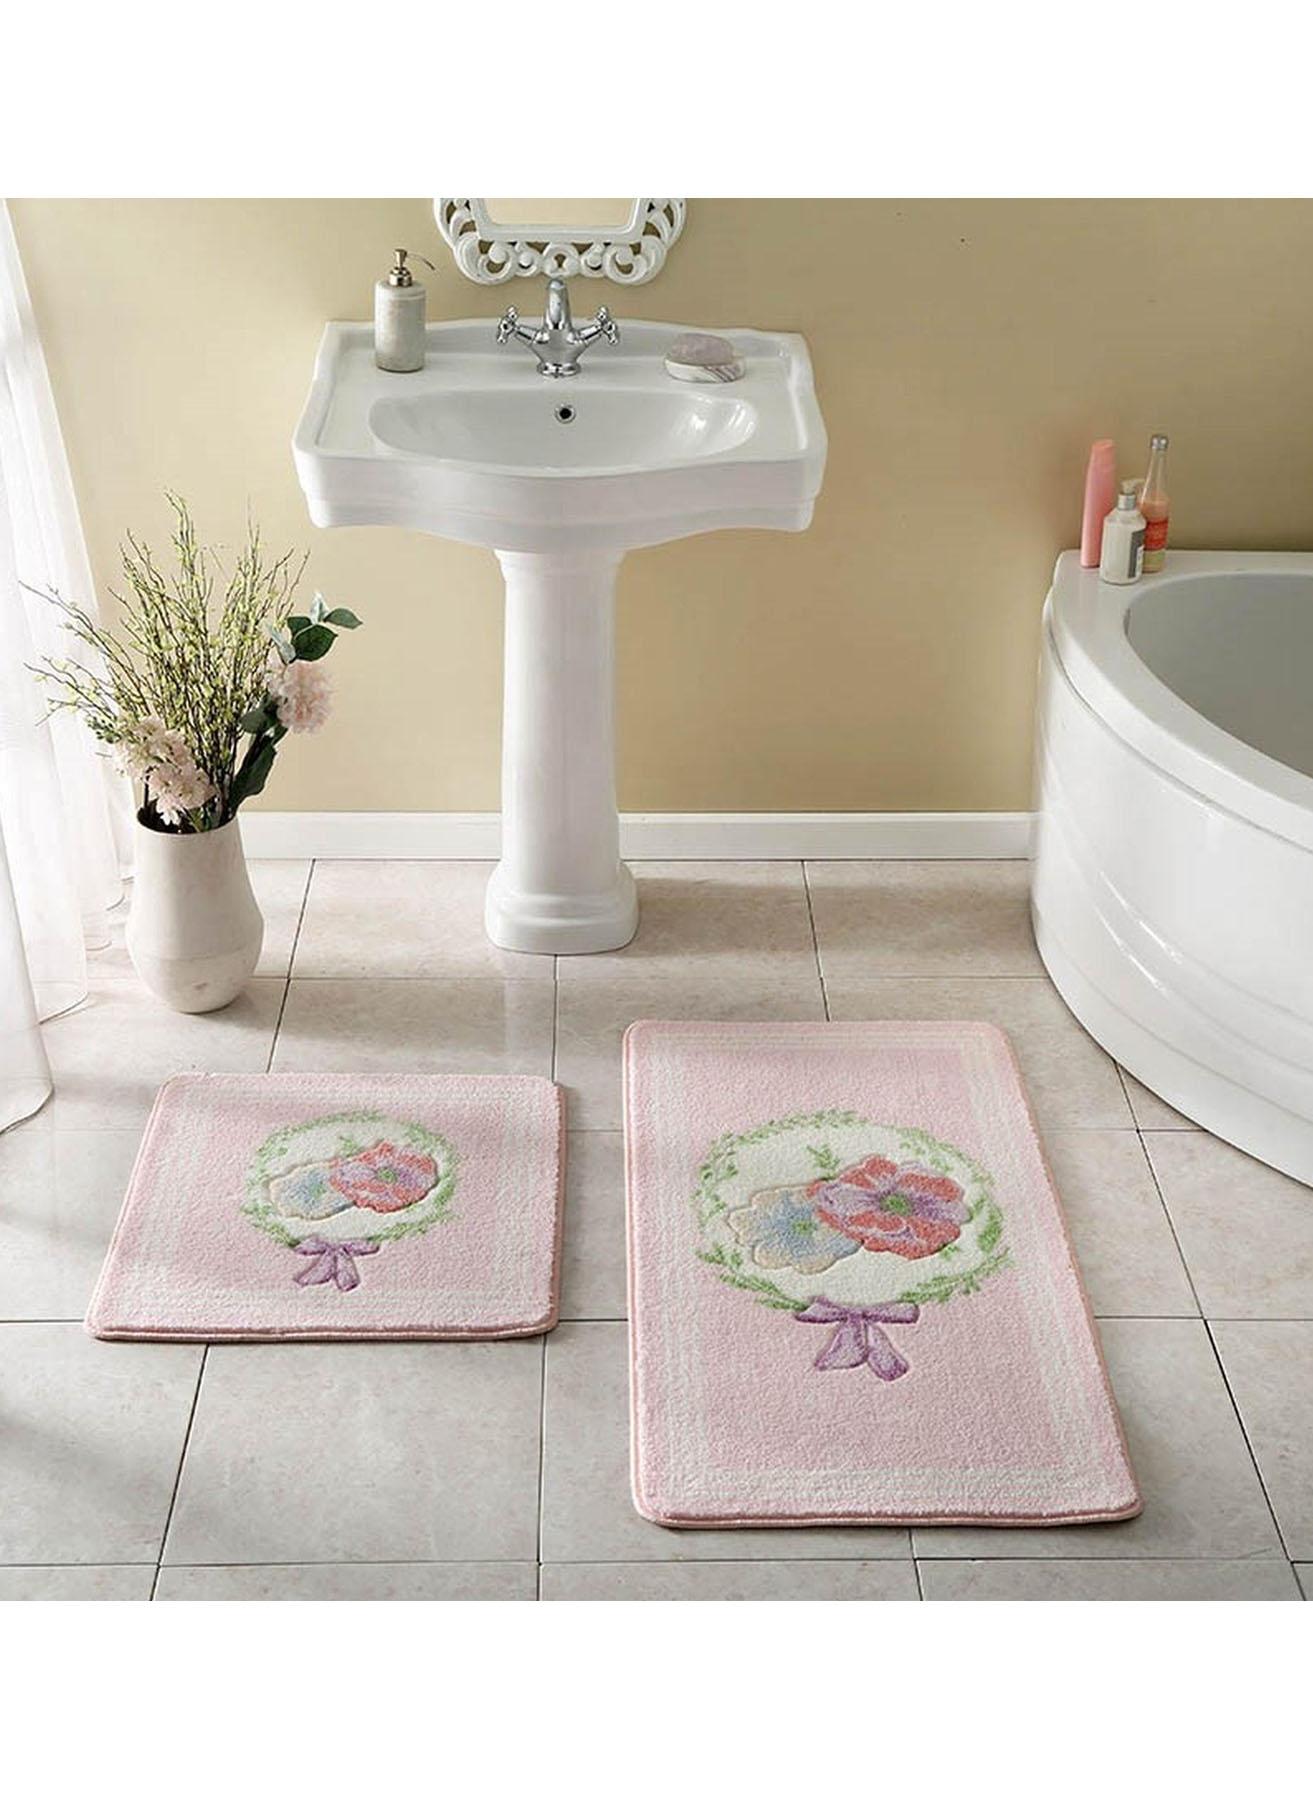 unisex Renksiz Taç Ginger 2'li Baskılı Paspas 5002007388001 Ev Banyo Ürünleri